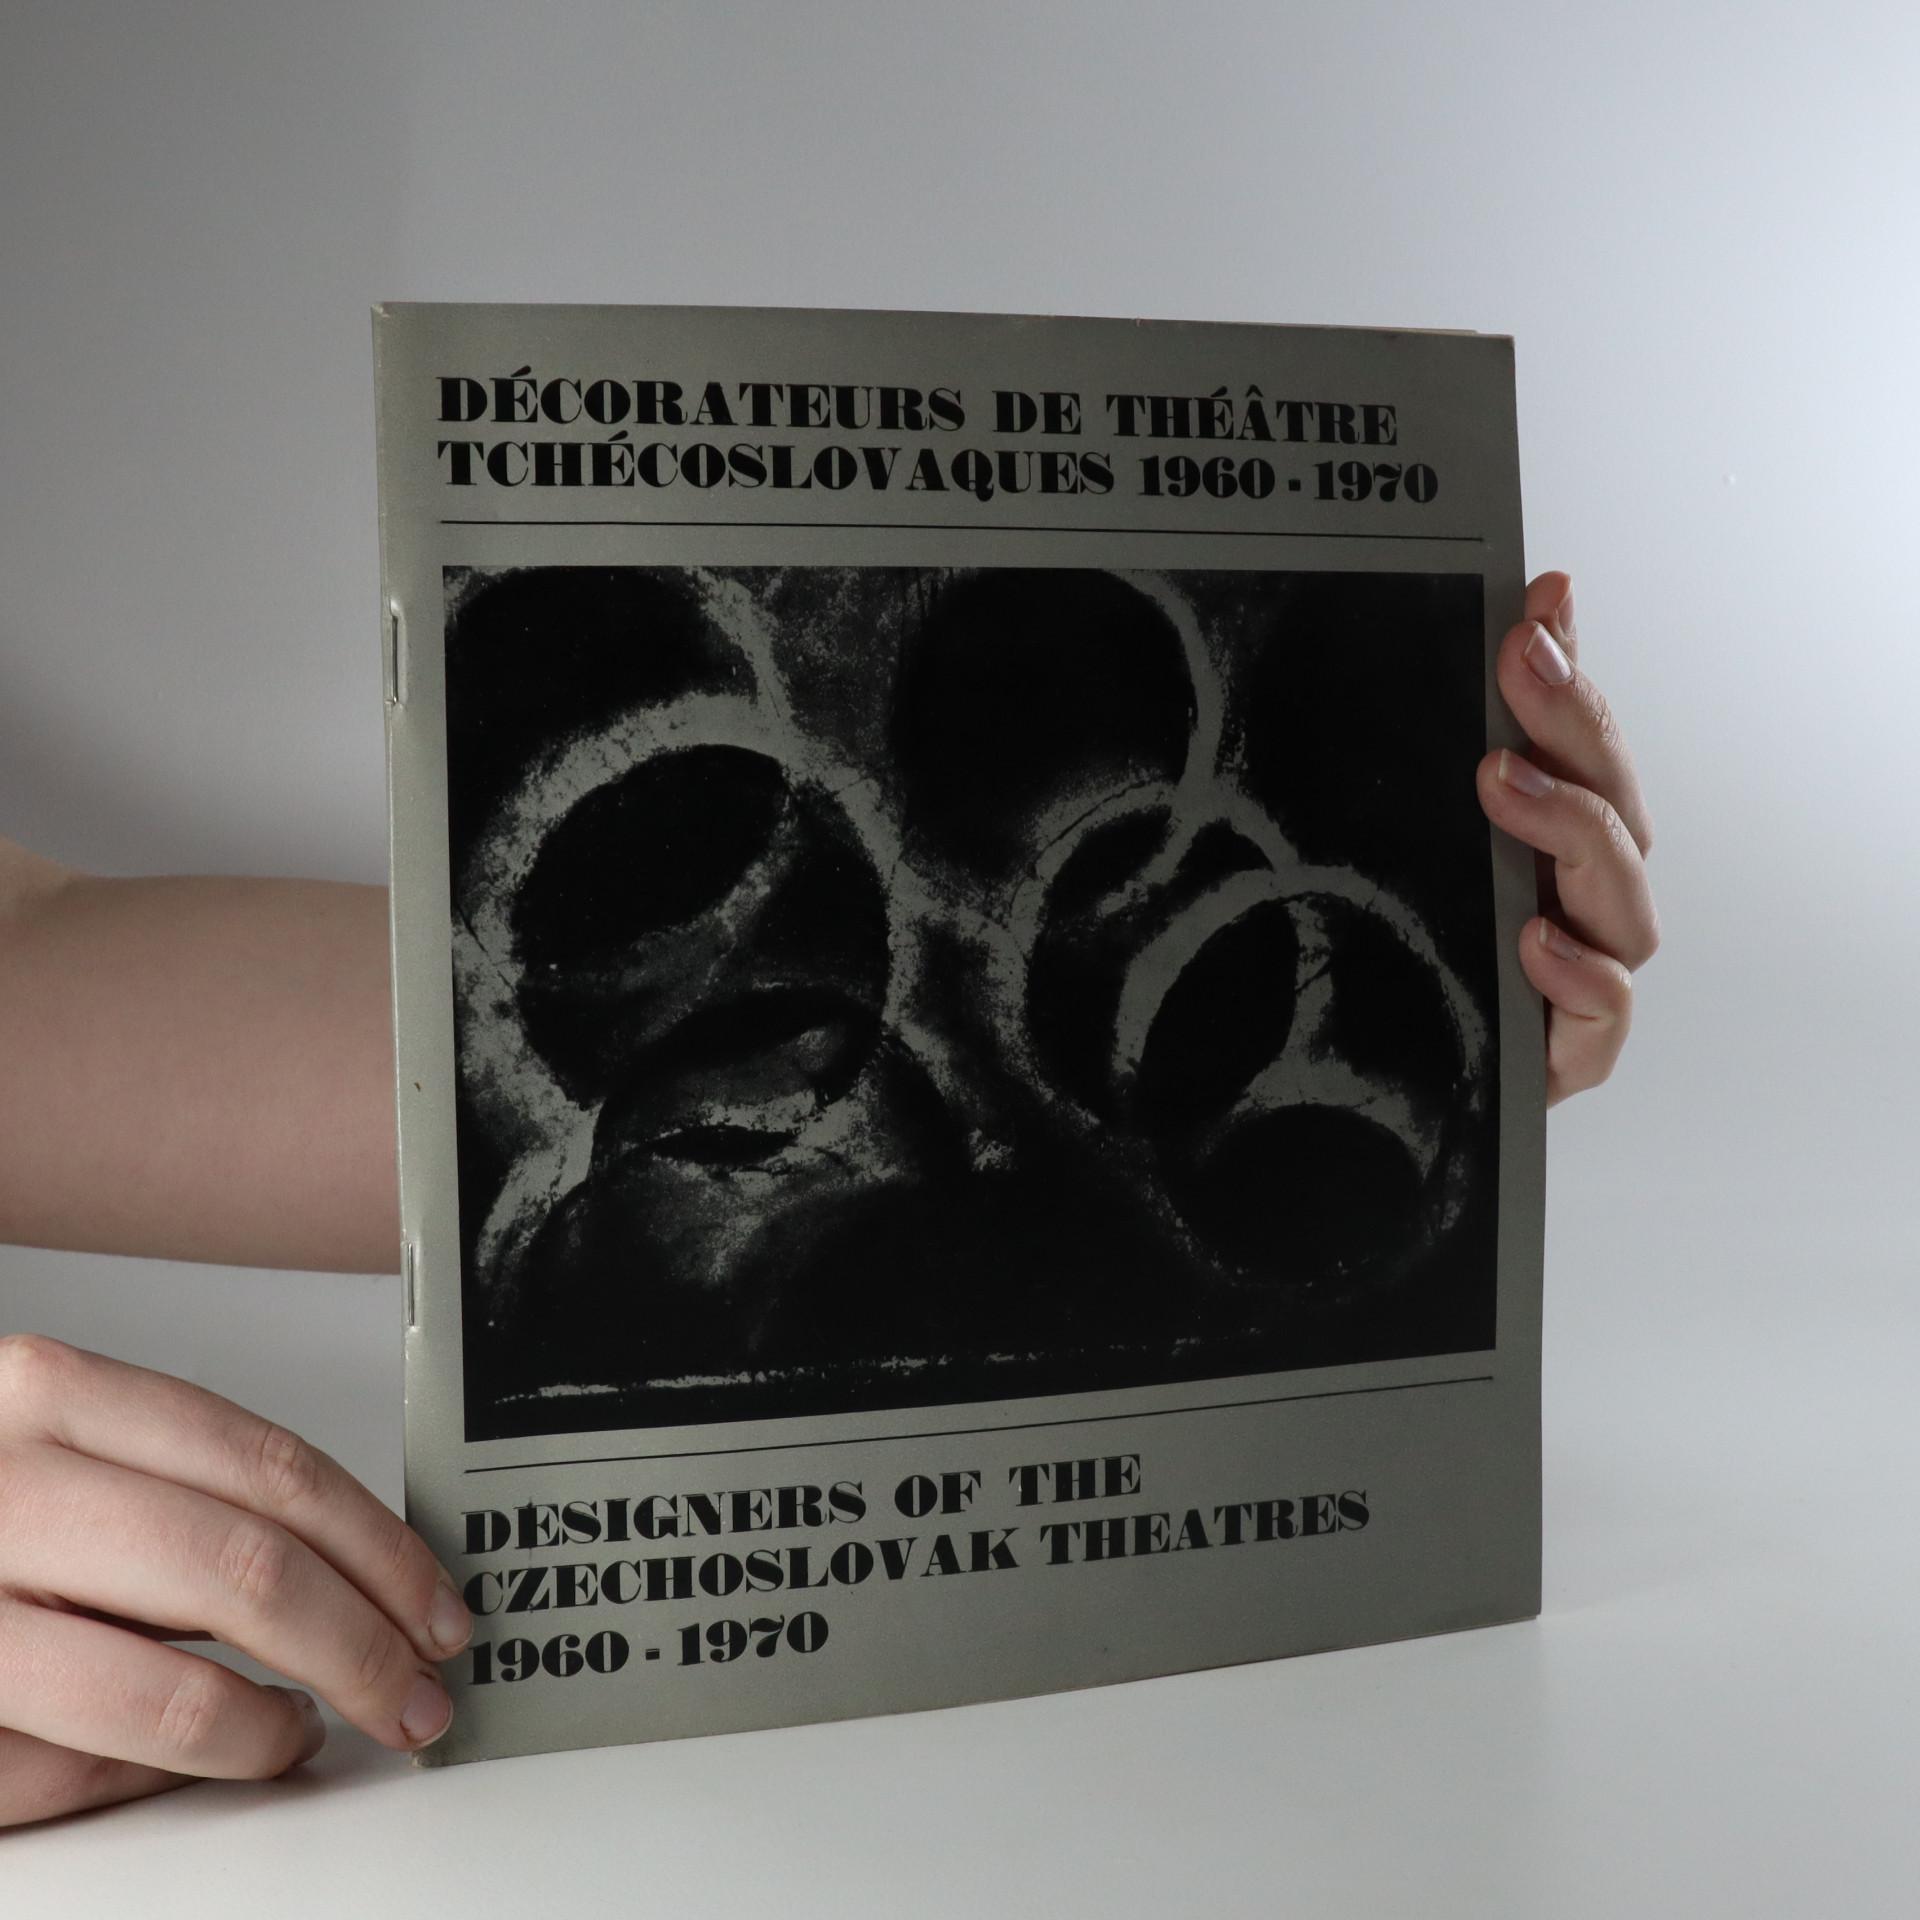 antikvární kniha Décorateurs de théatre tchécoslovaques 1960-1970, 1971